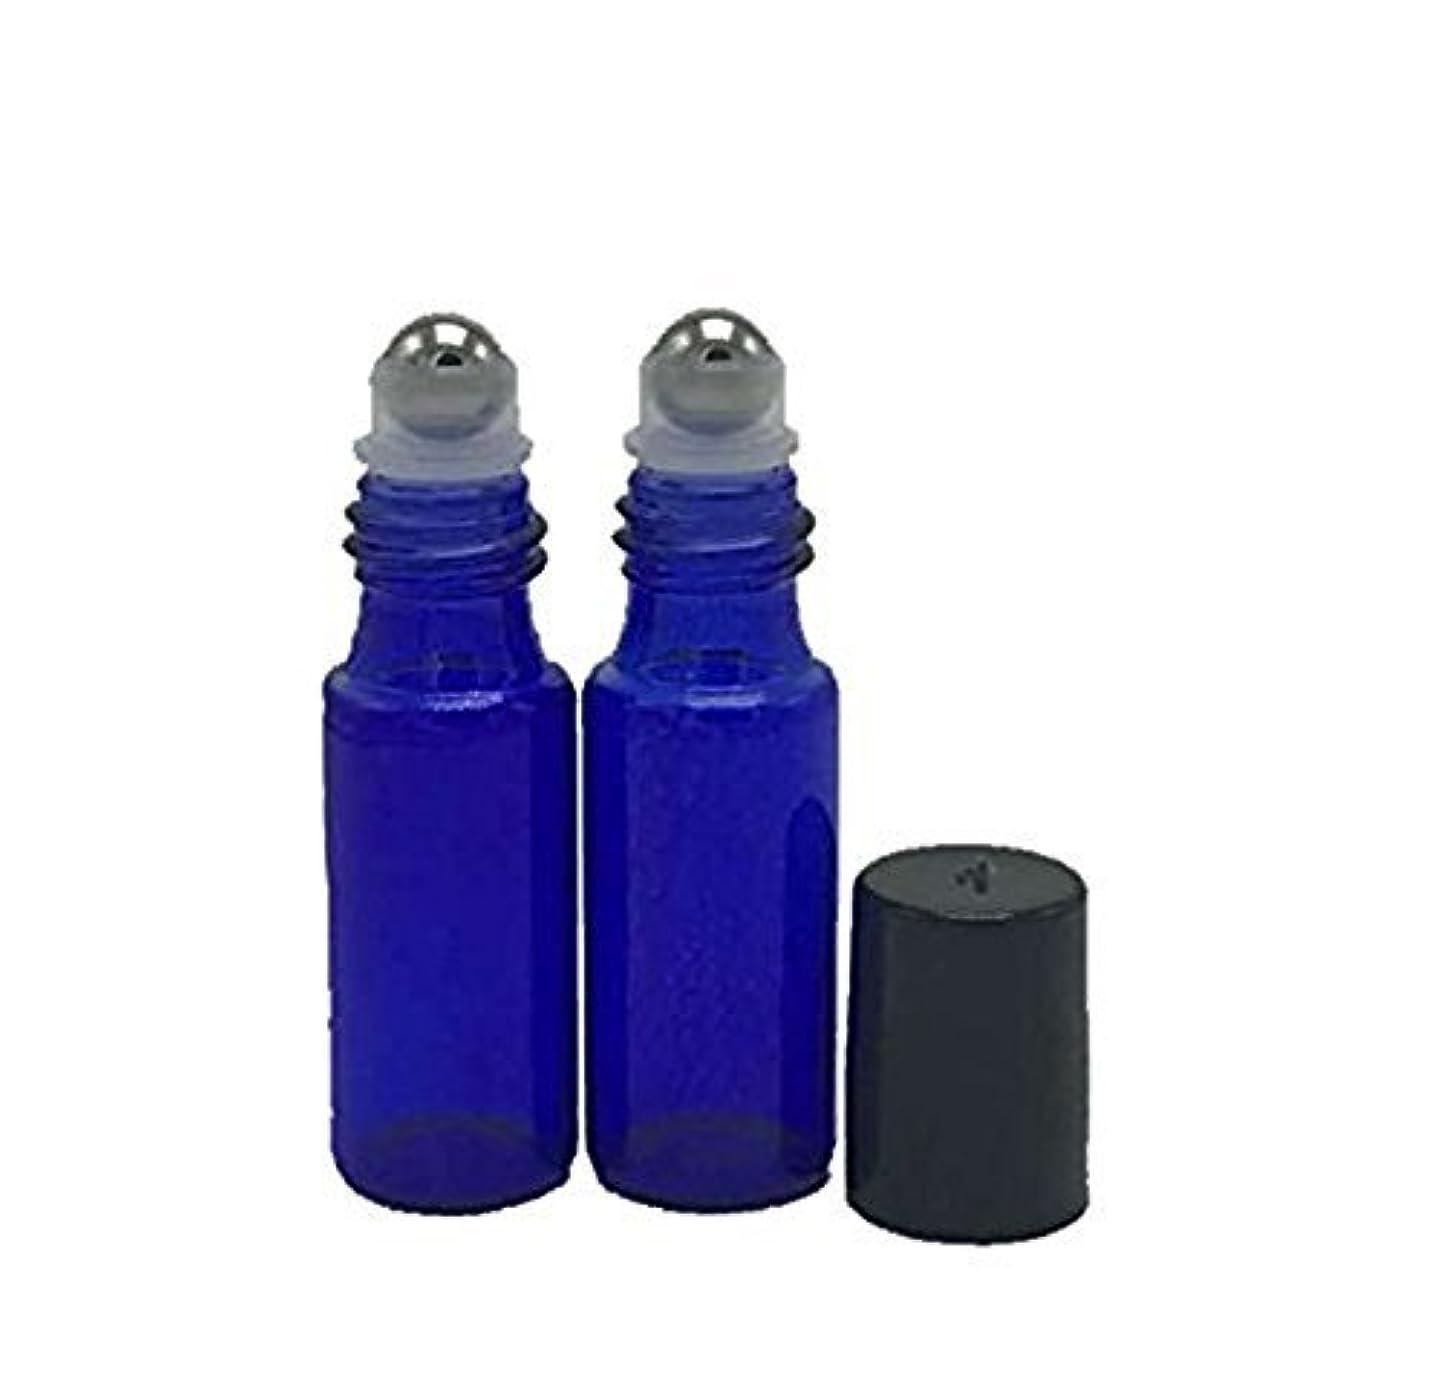 勉強する痛み自己Haifly 12 Pcs 5 ml Empty Refillable Rollerball Glass Bottles for Essential Oil with 3 ml Dropper Blue [並行輸入品]